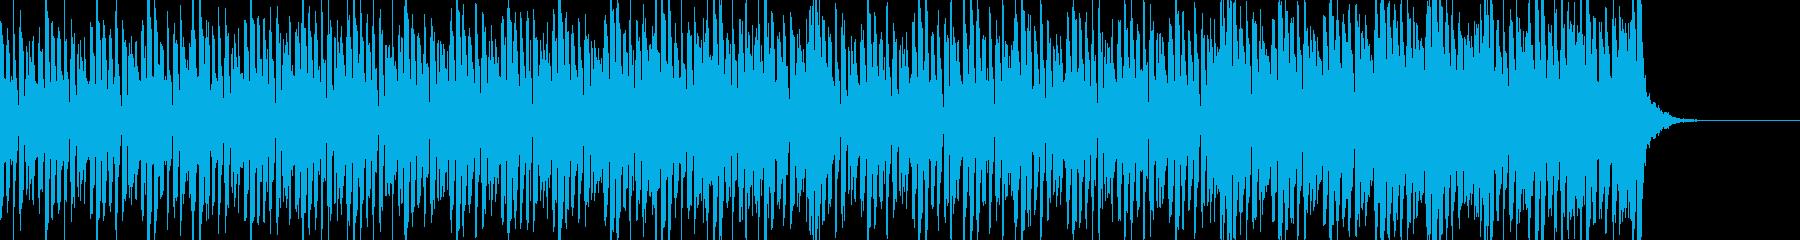 バトル:幻想的デジロック高速ビート60秒の再生済みの波形